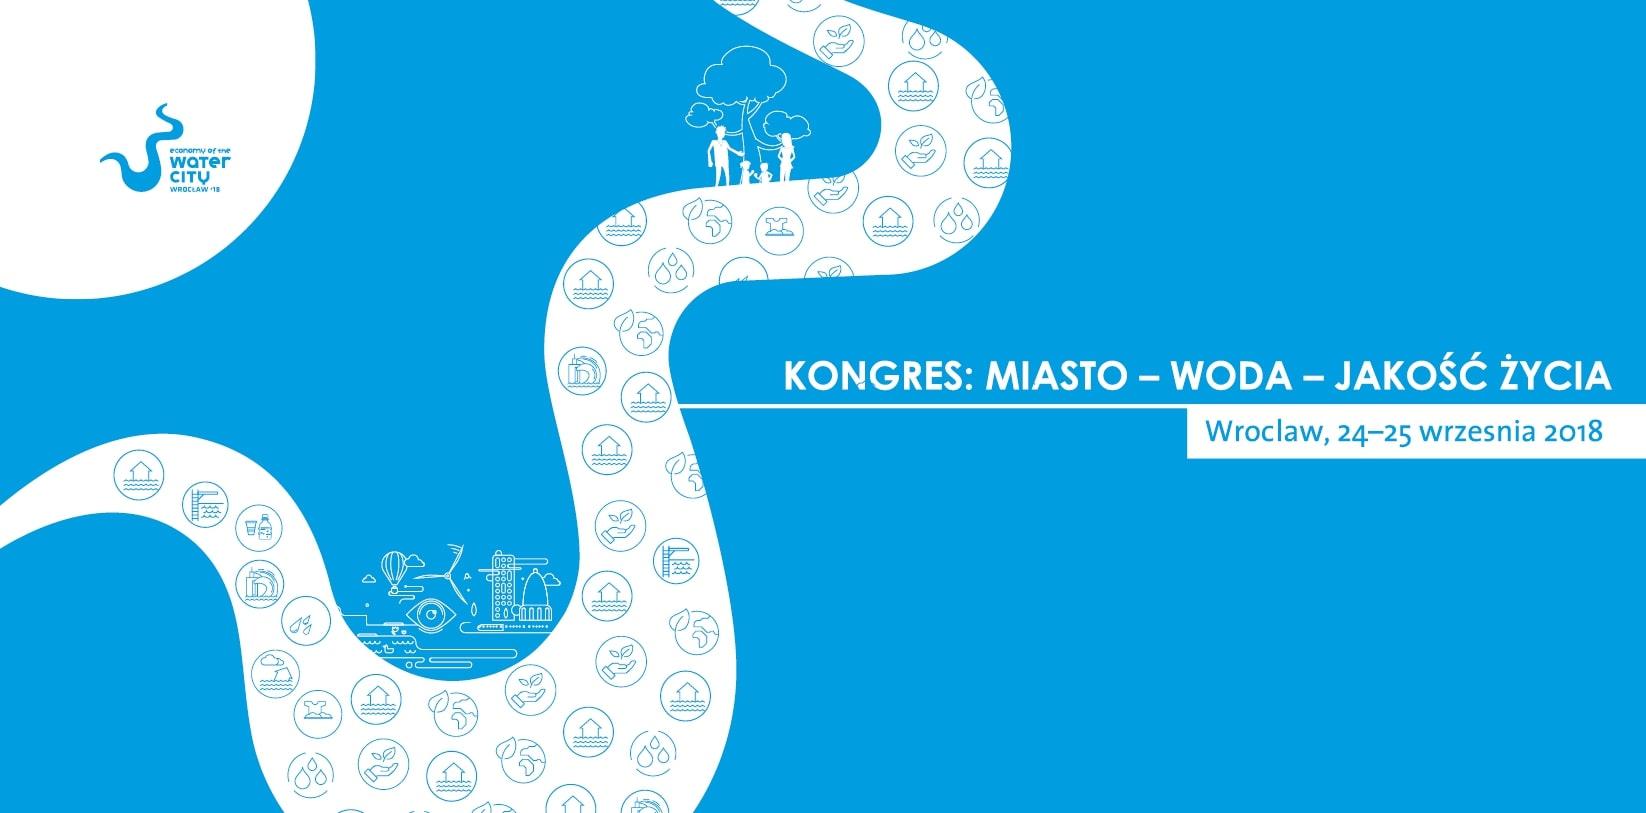 """Kongres """"Miasto-woda-jakość życia"""", Open Eyes Economy Summit (źródło: materiały prasowe organizatorów)"""